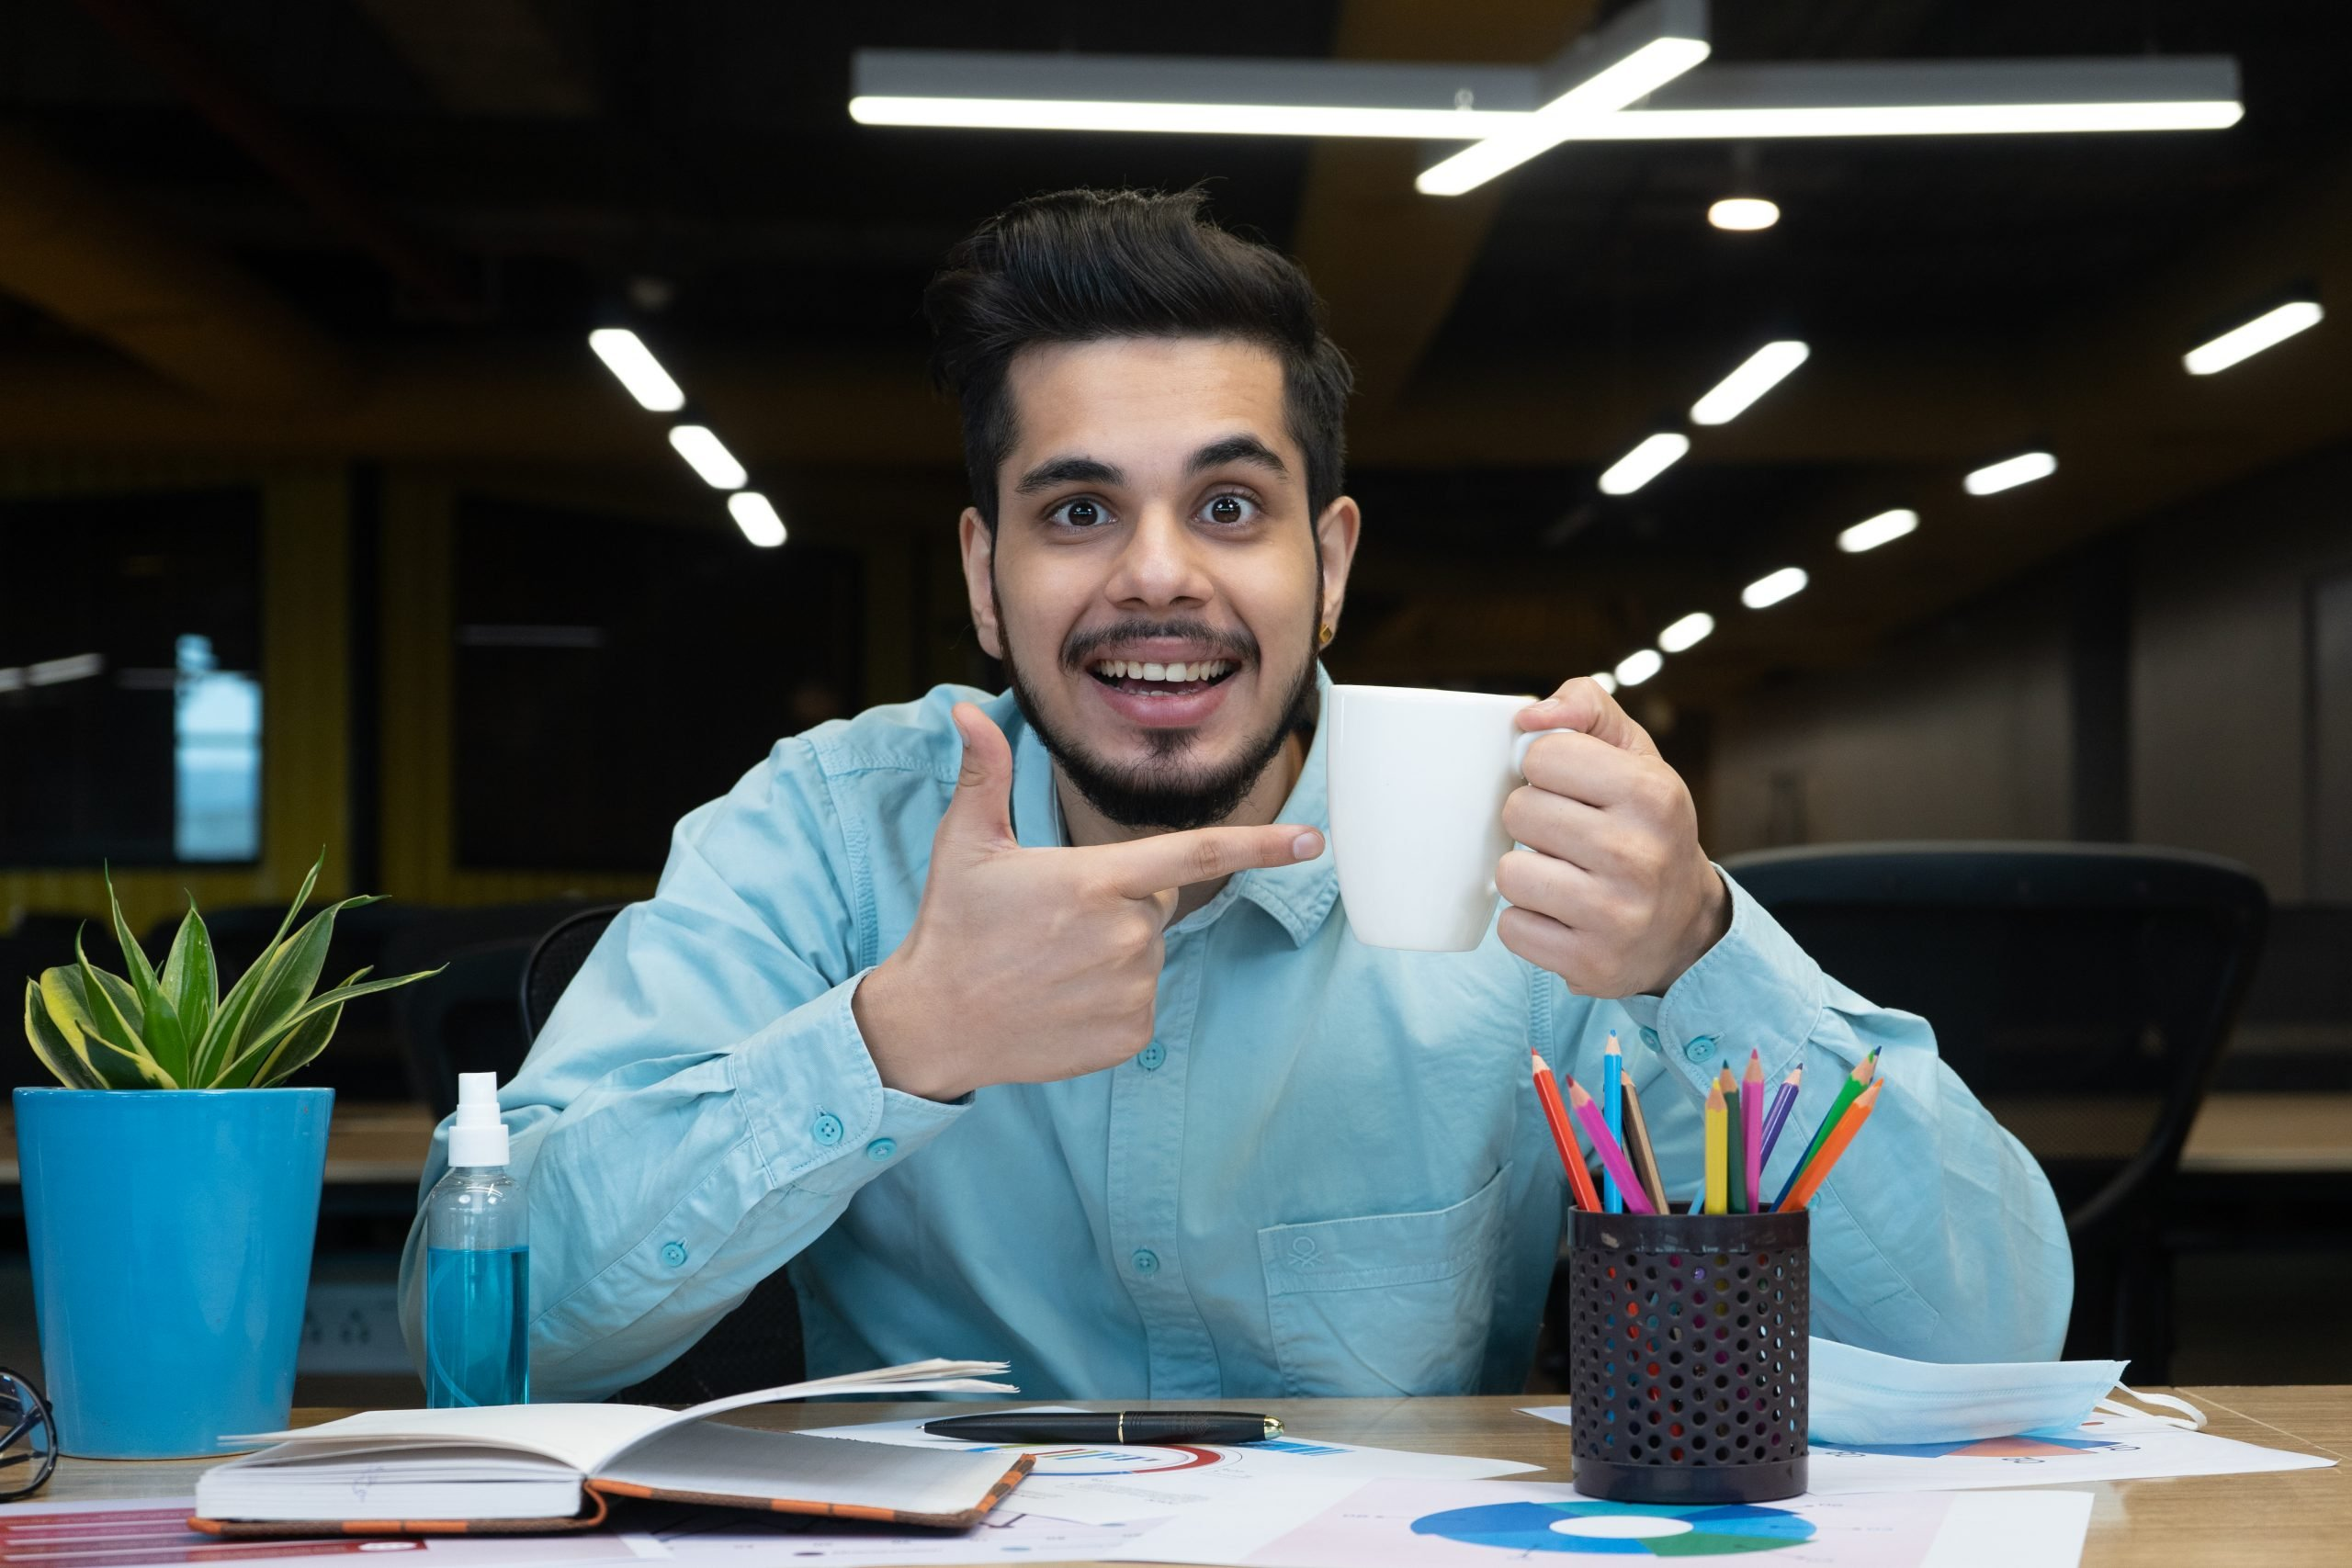 Man pointing to coffee mug